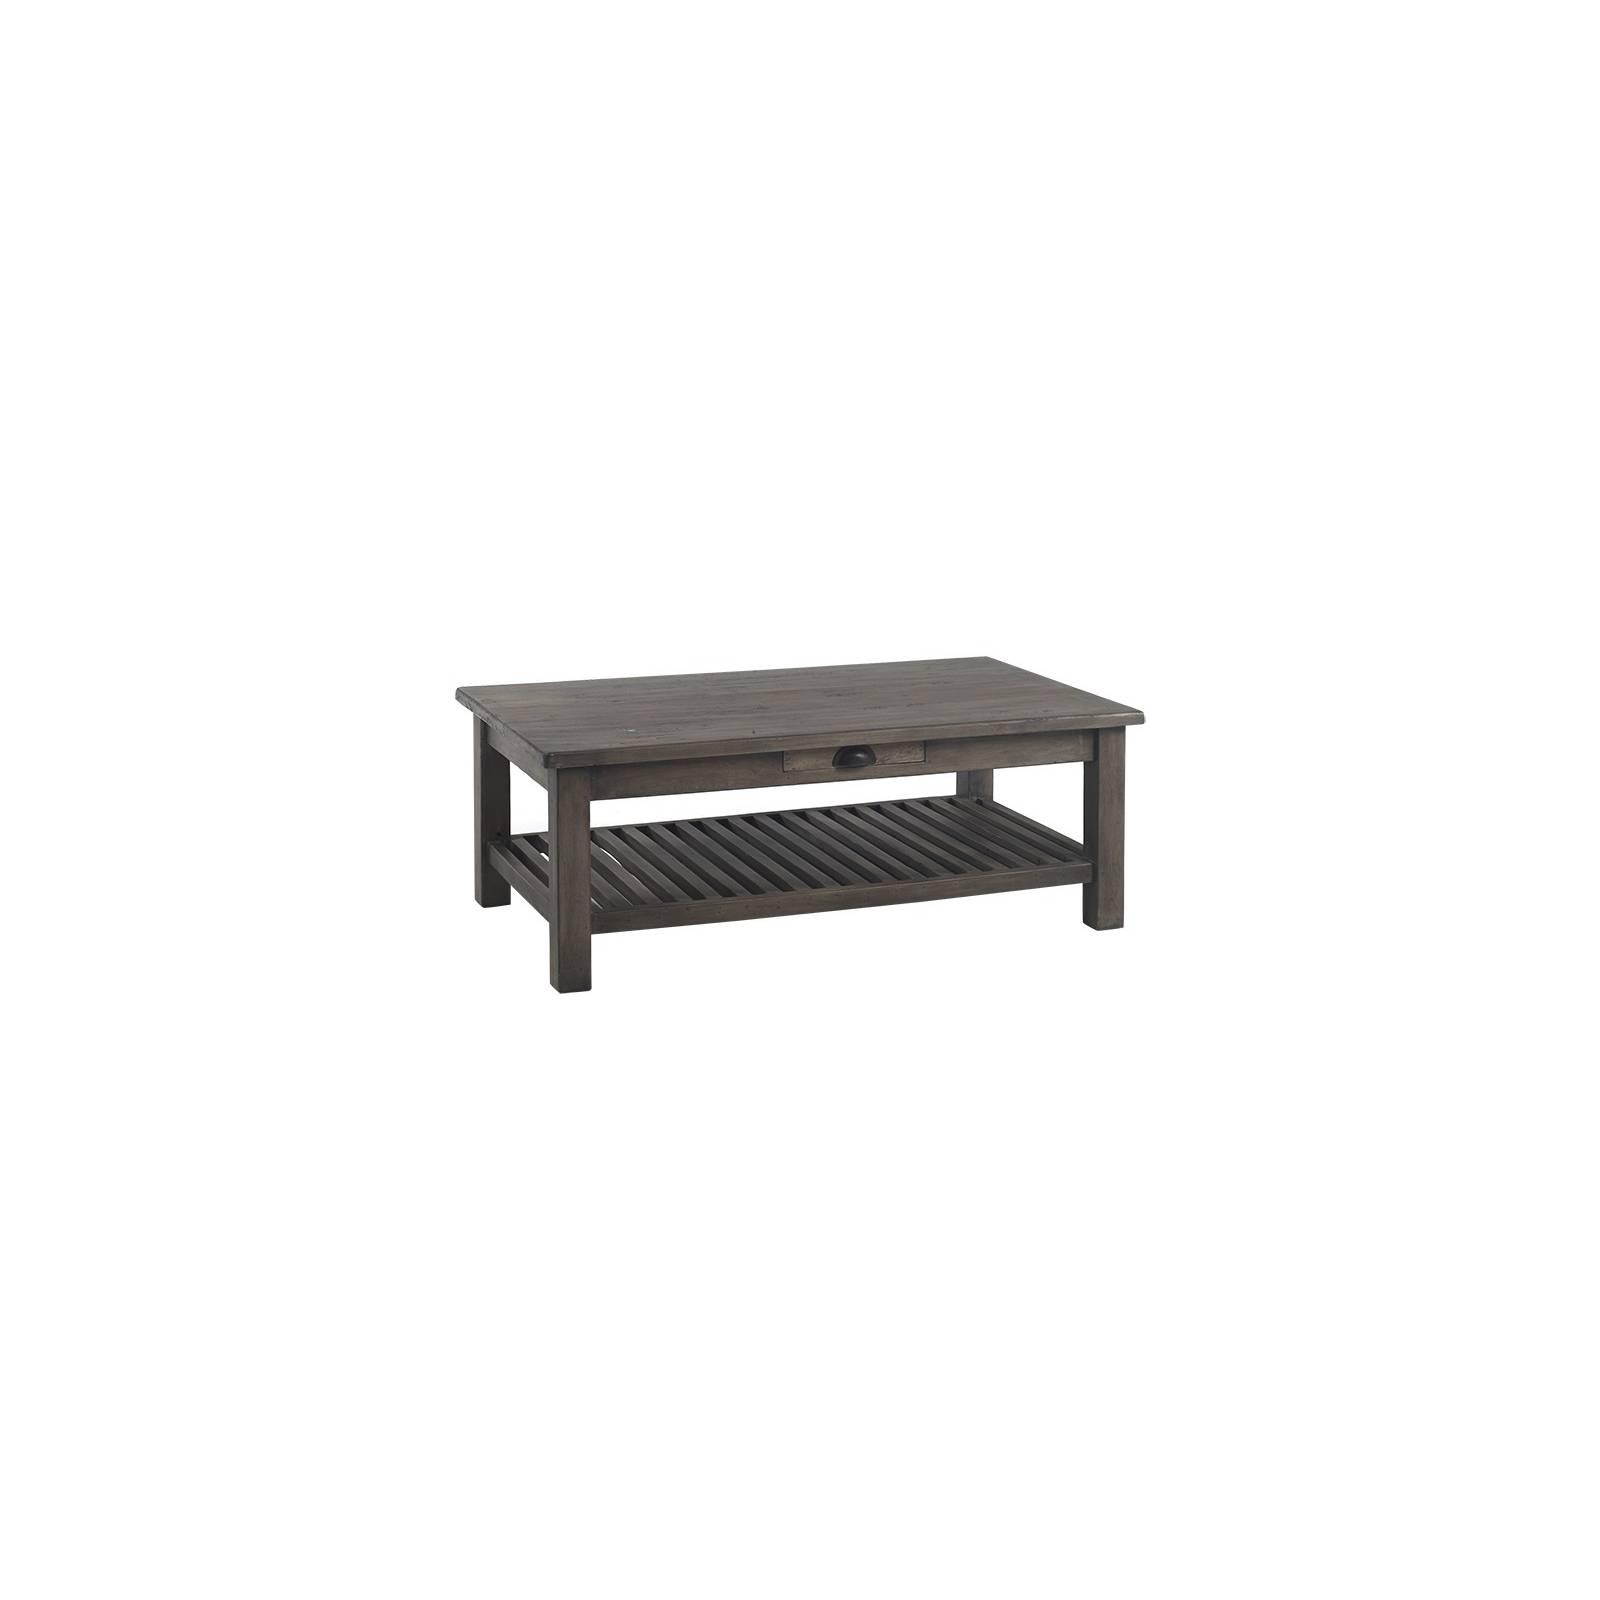 Table Basse Rectangulaire Vendôme Manguier - meuble classique